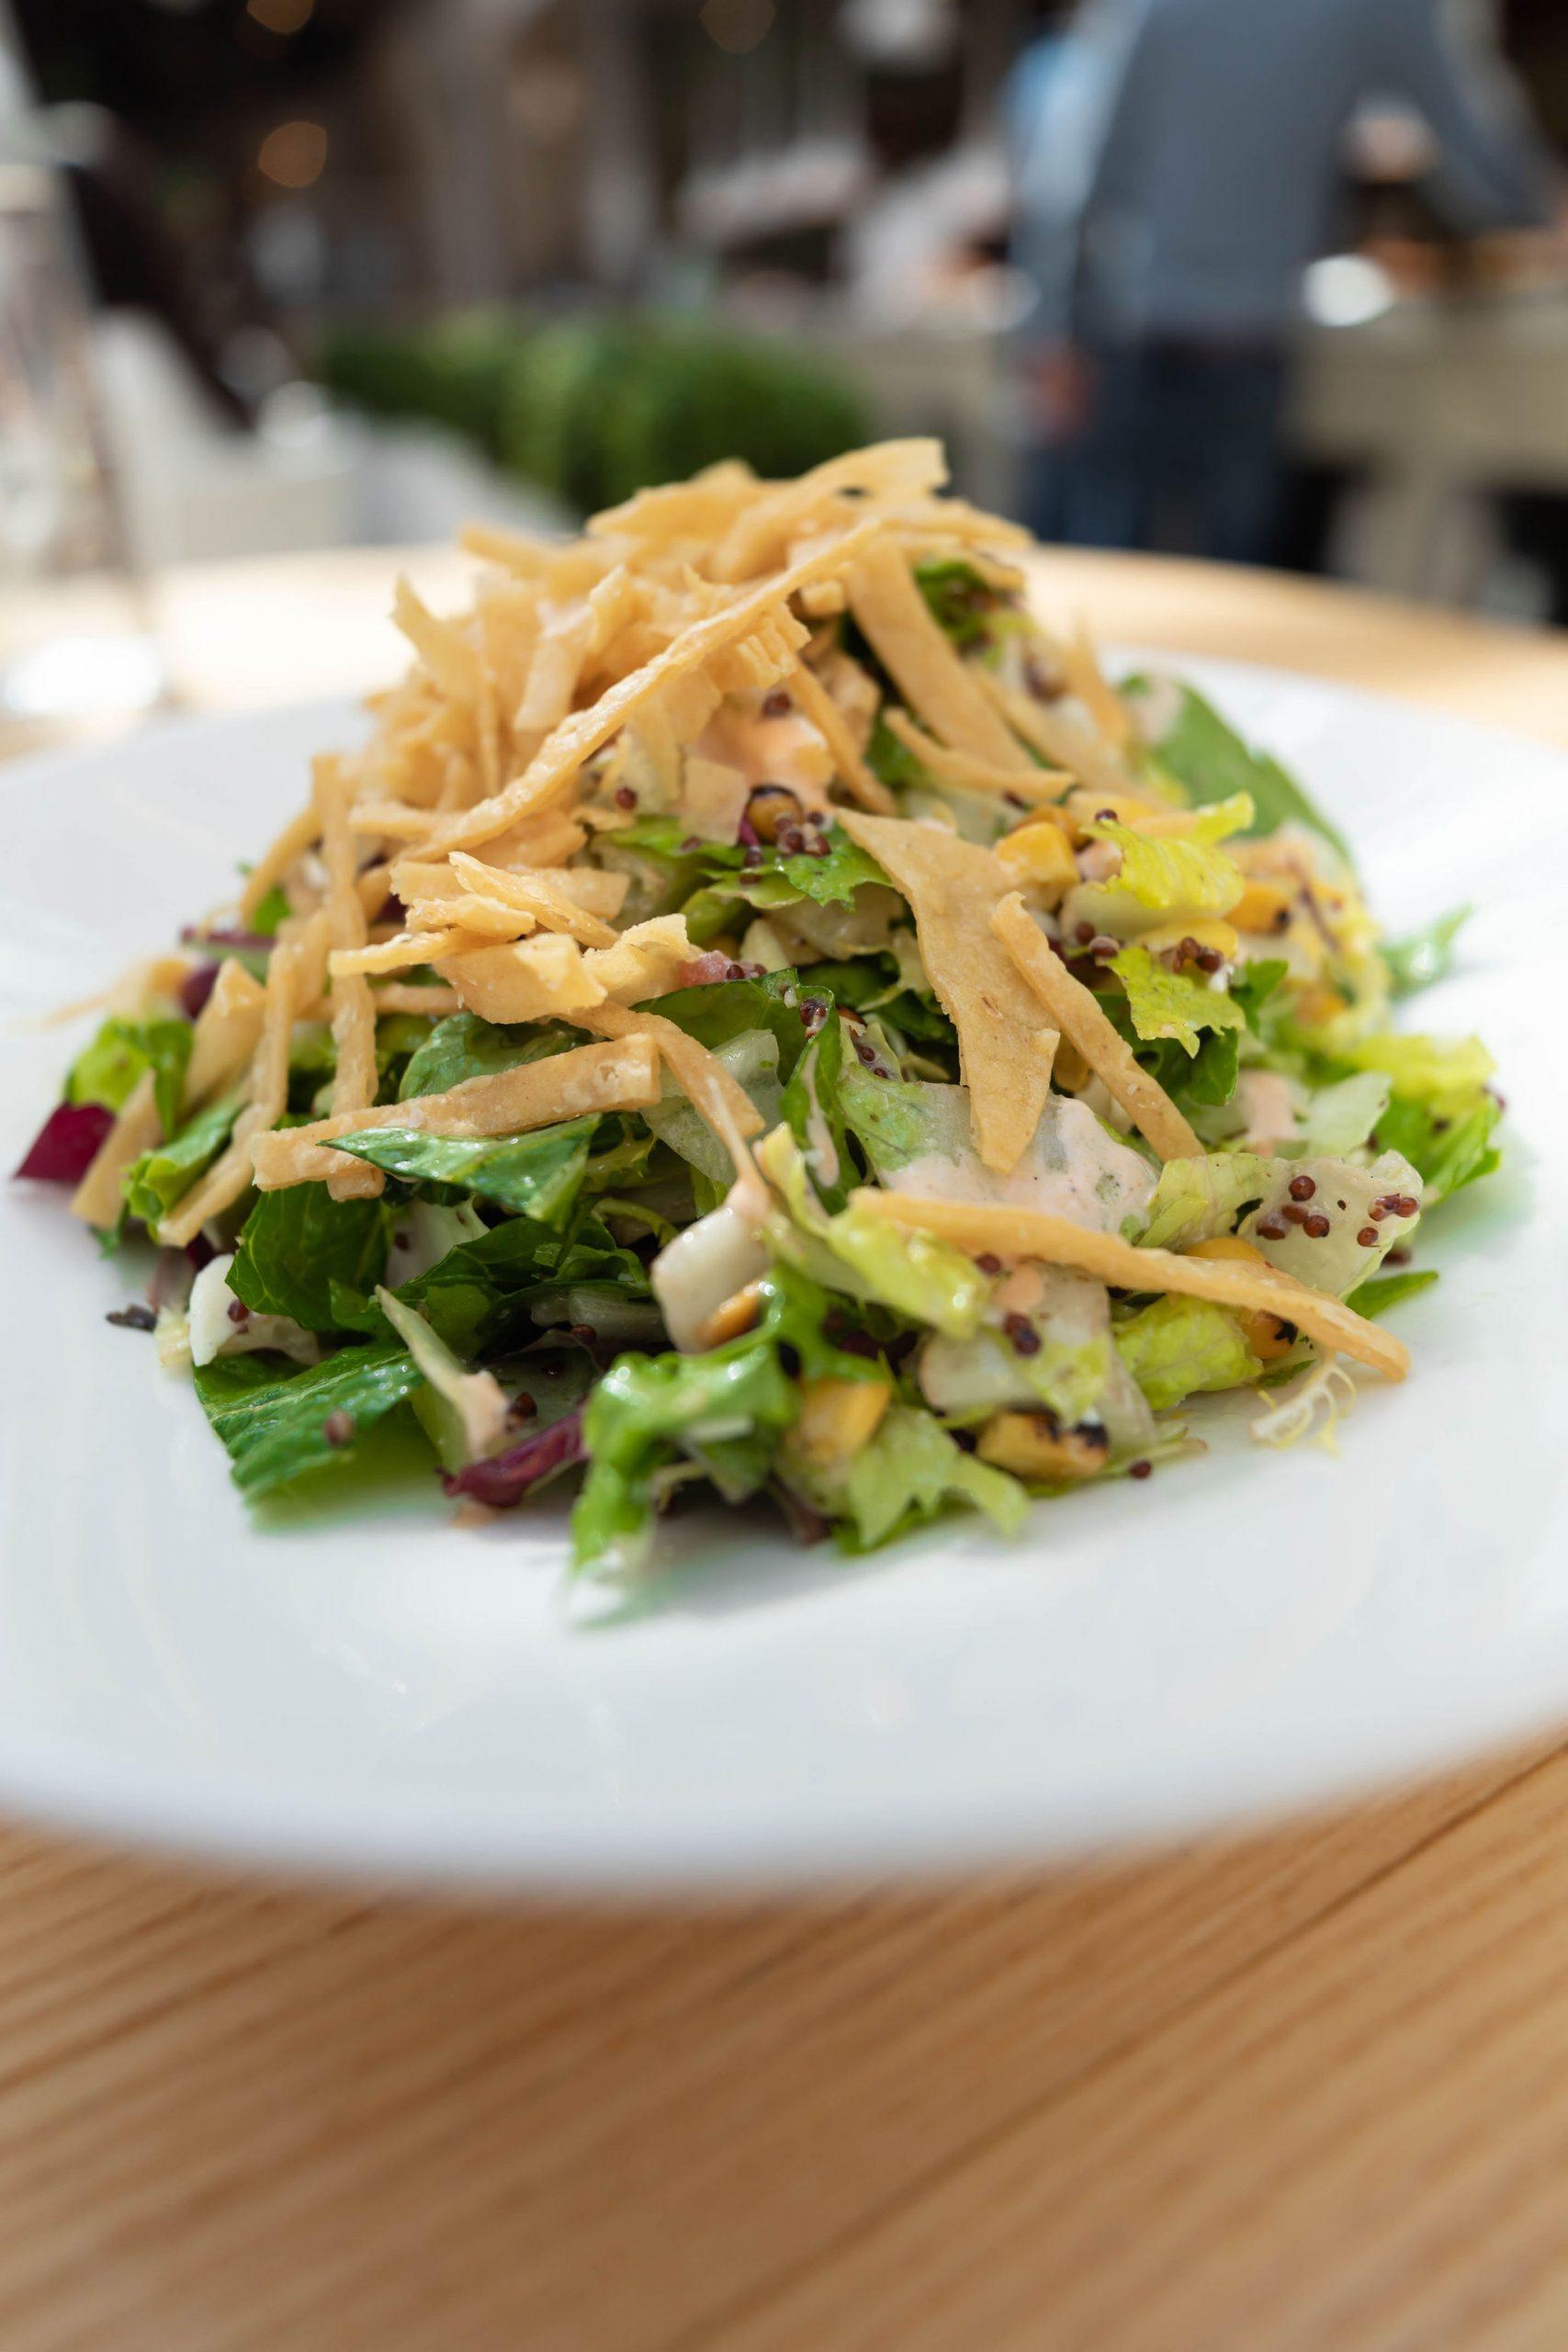 Costa Mesa Salad Summer House Santa Monica Vegan Friendly Gluten Free Restaurant in Chicago, Illinois Gold Coast by Annie Fairfax